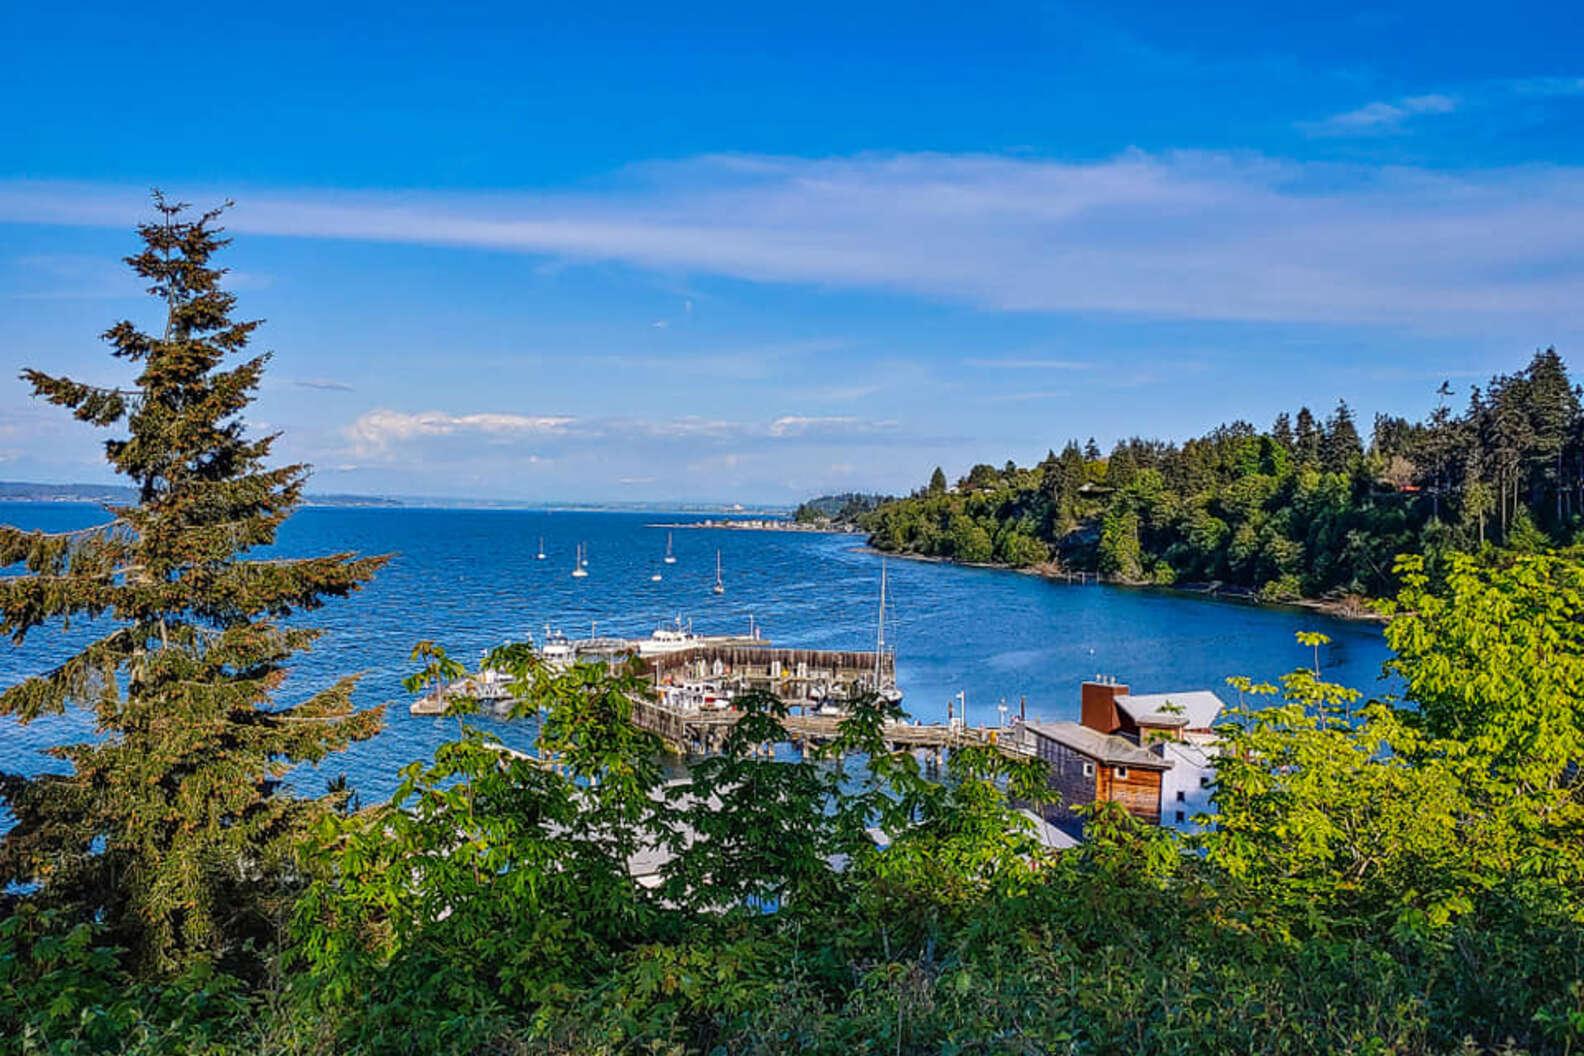 Courtesy of Whidbey Island, Washington